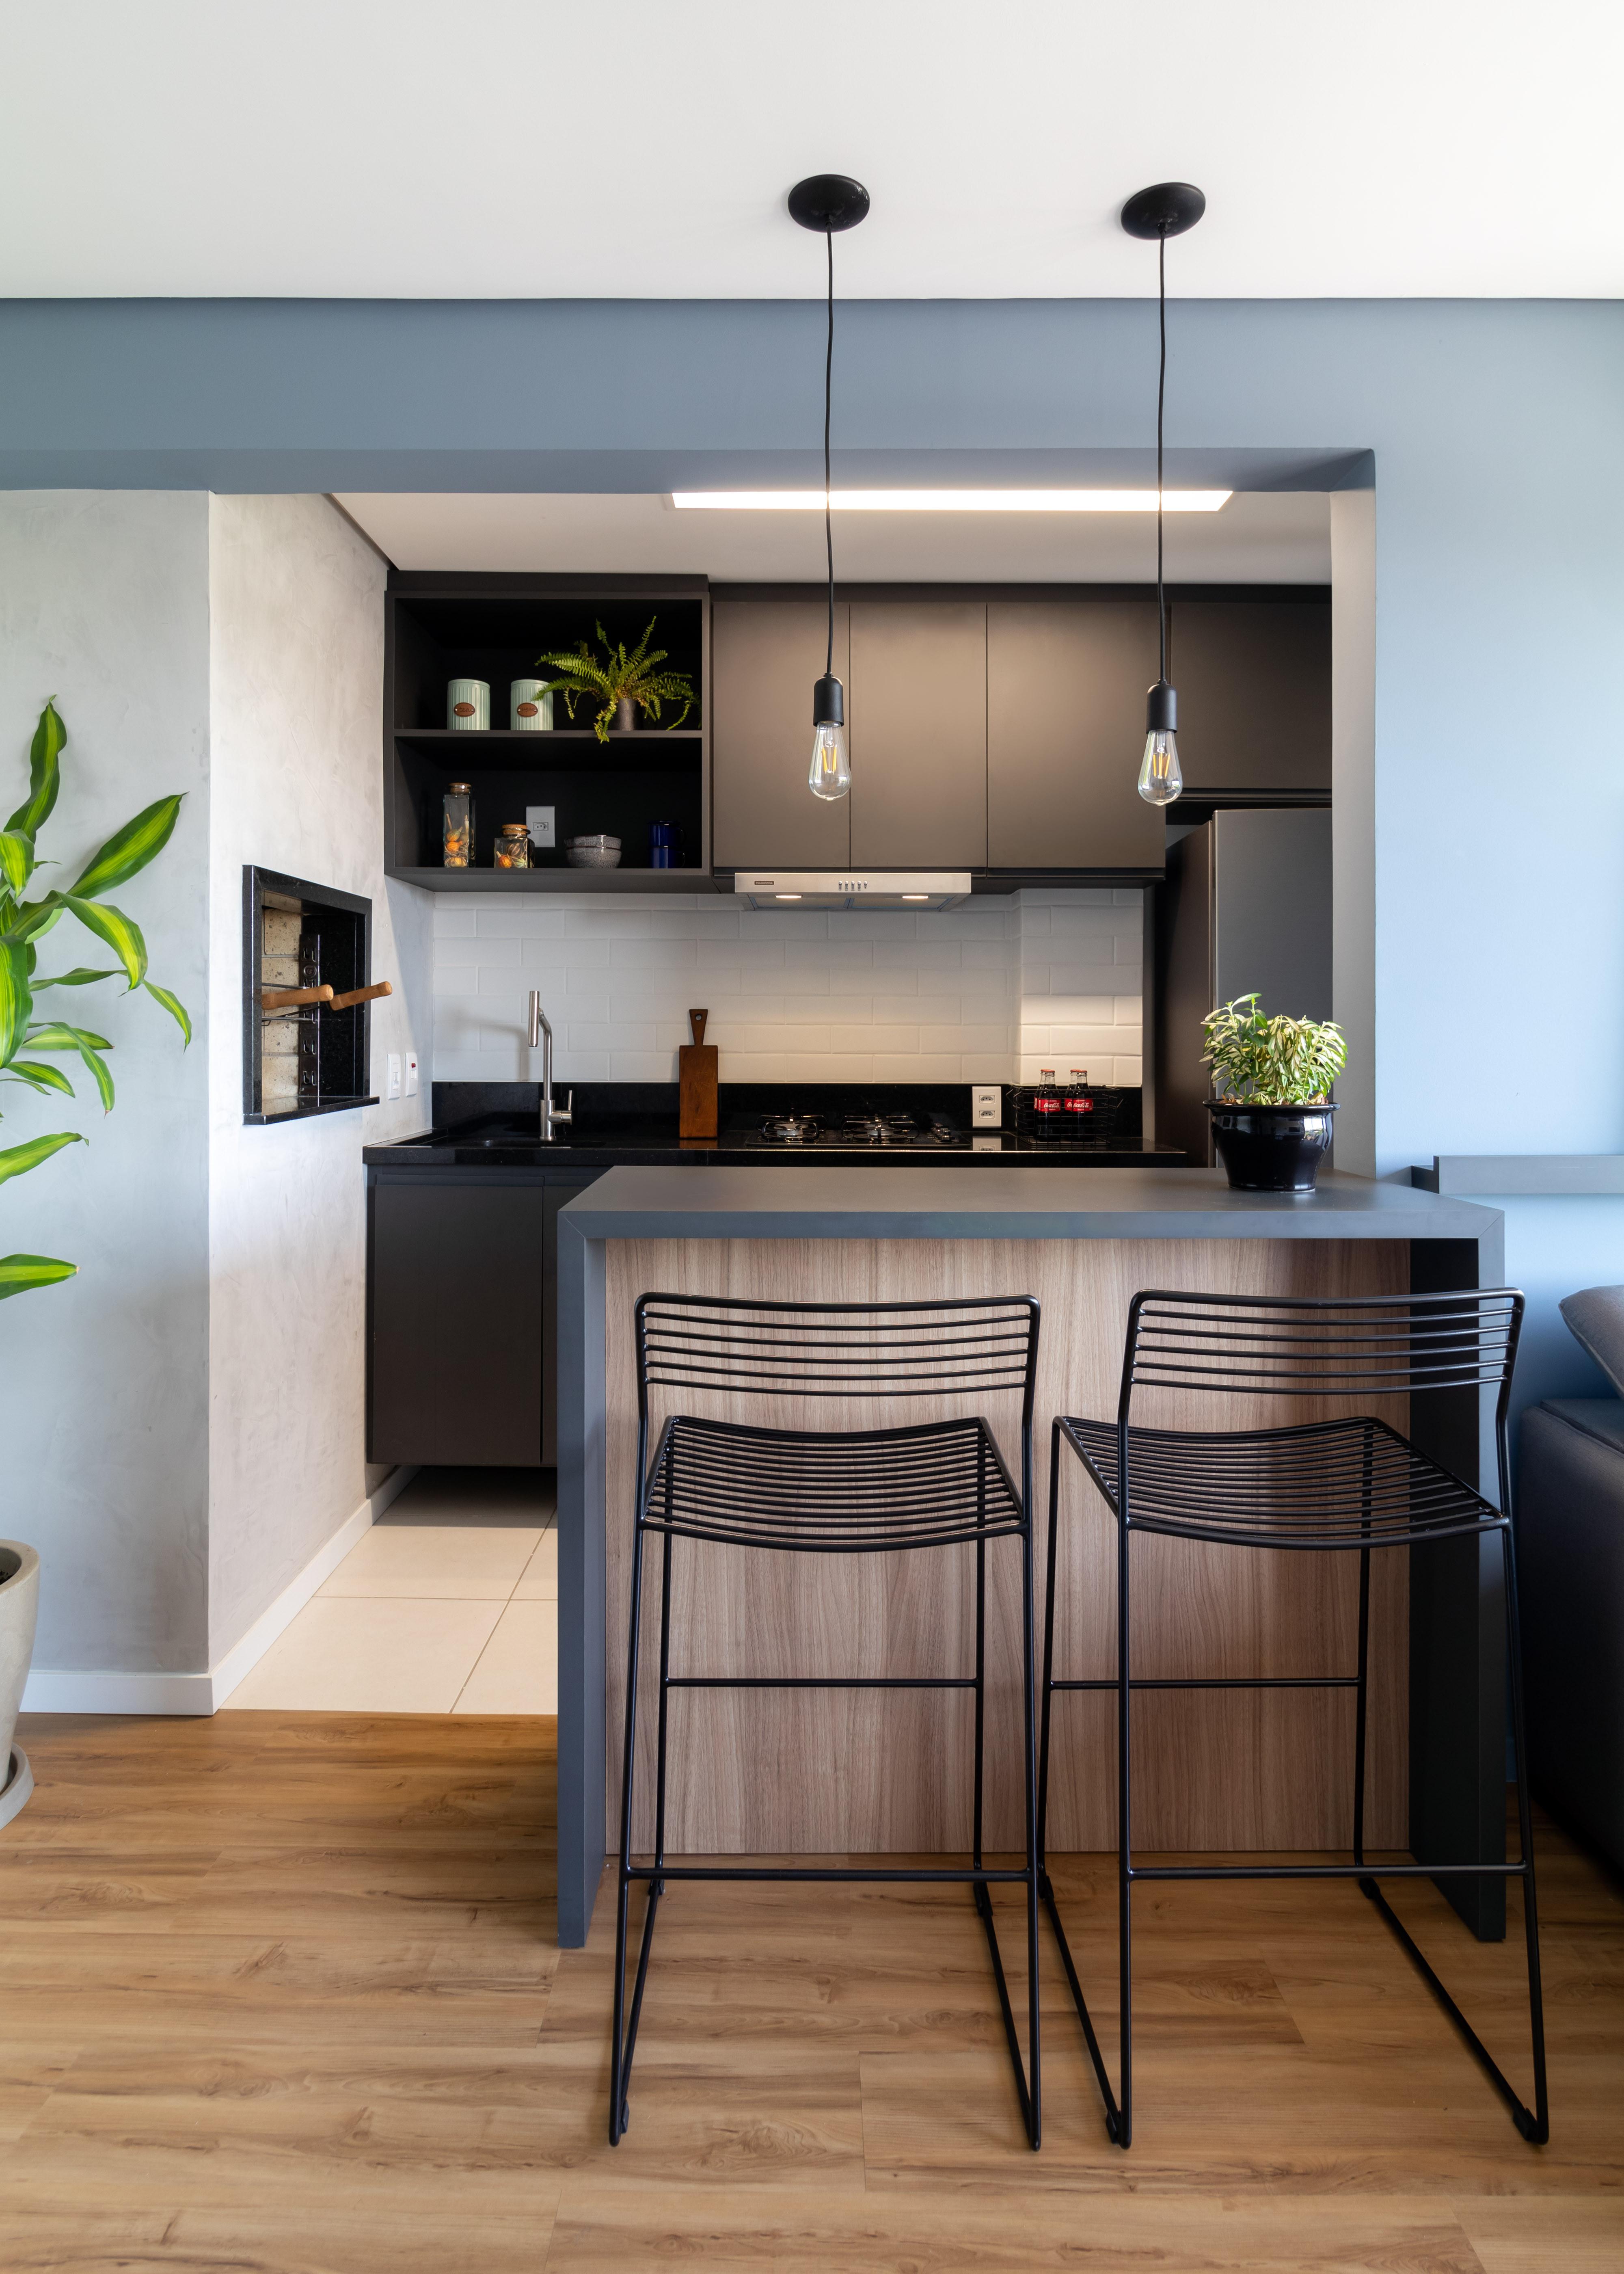 Linha Ambienta Coleção Series Bétula/ Cor: 9344606/ Projeto: Apartamento KR / Arquitetura: Trama Arquitetura/ Foto: Mariana Lübbe